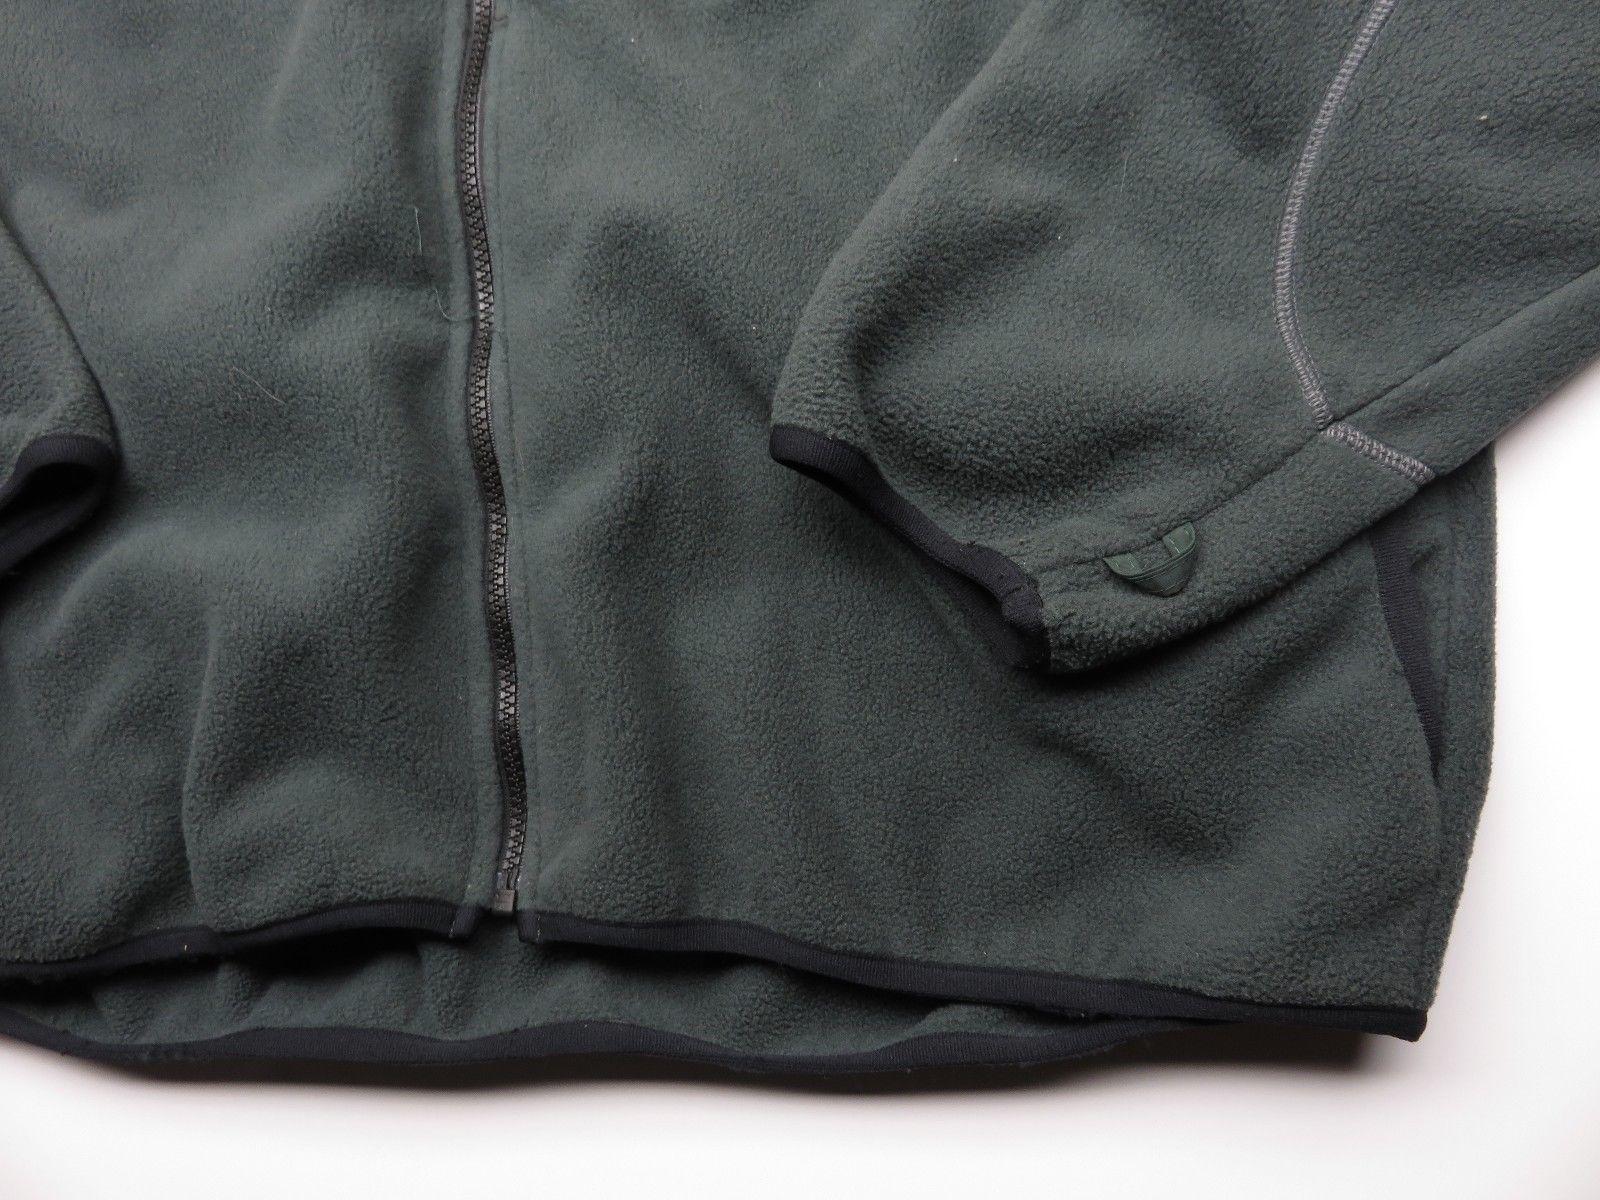 Green TIMBERLAND Outdoor Performance Fleece Full Zip Up Jacket Adult Men's Sz L